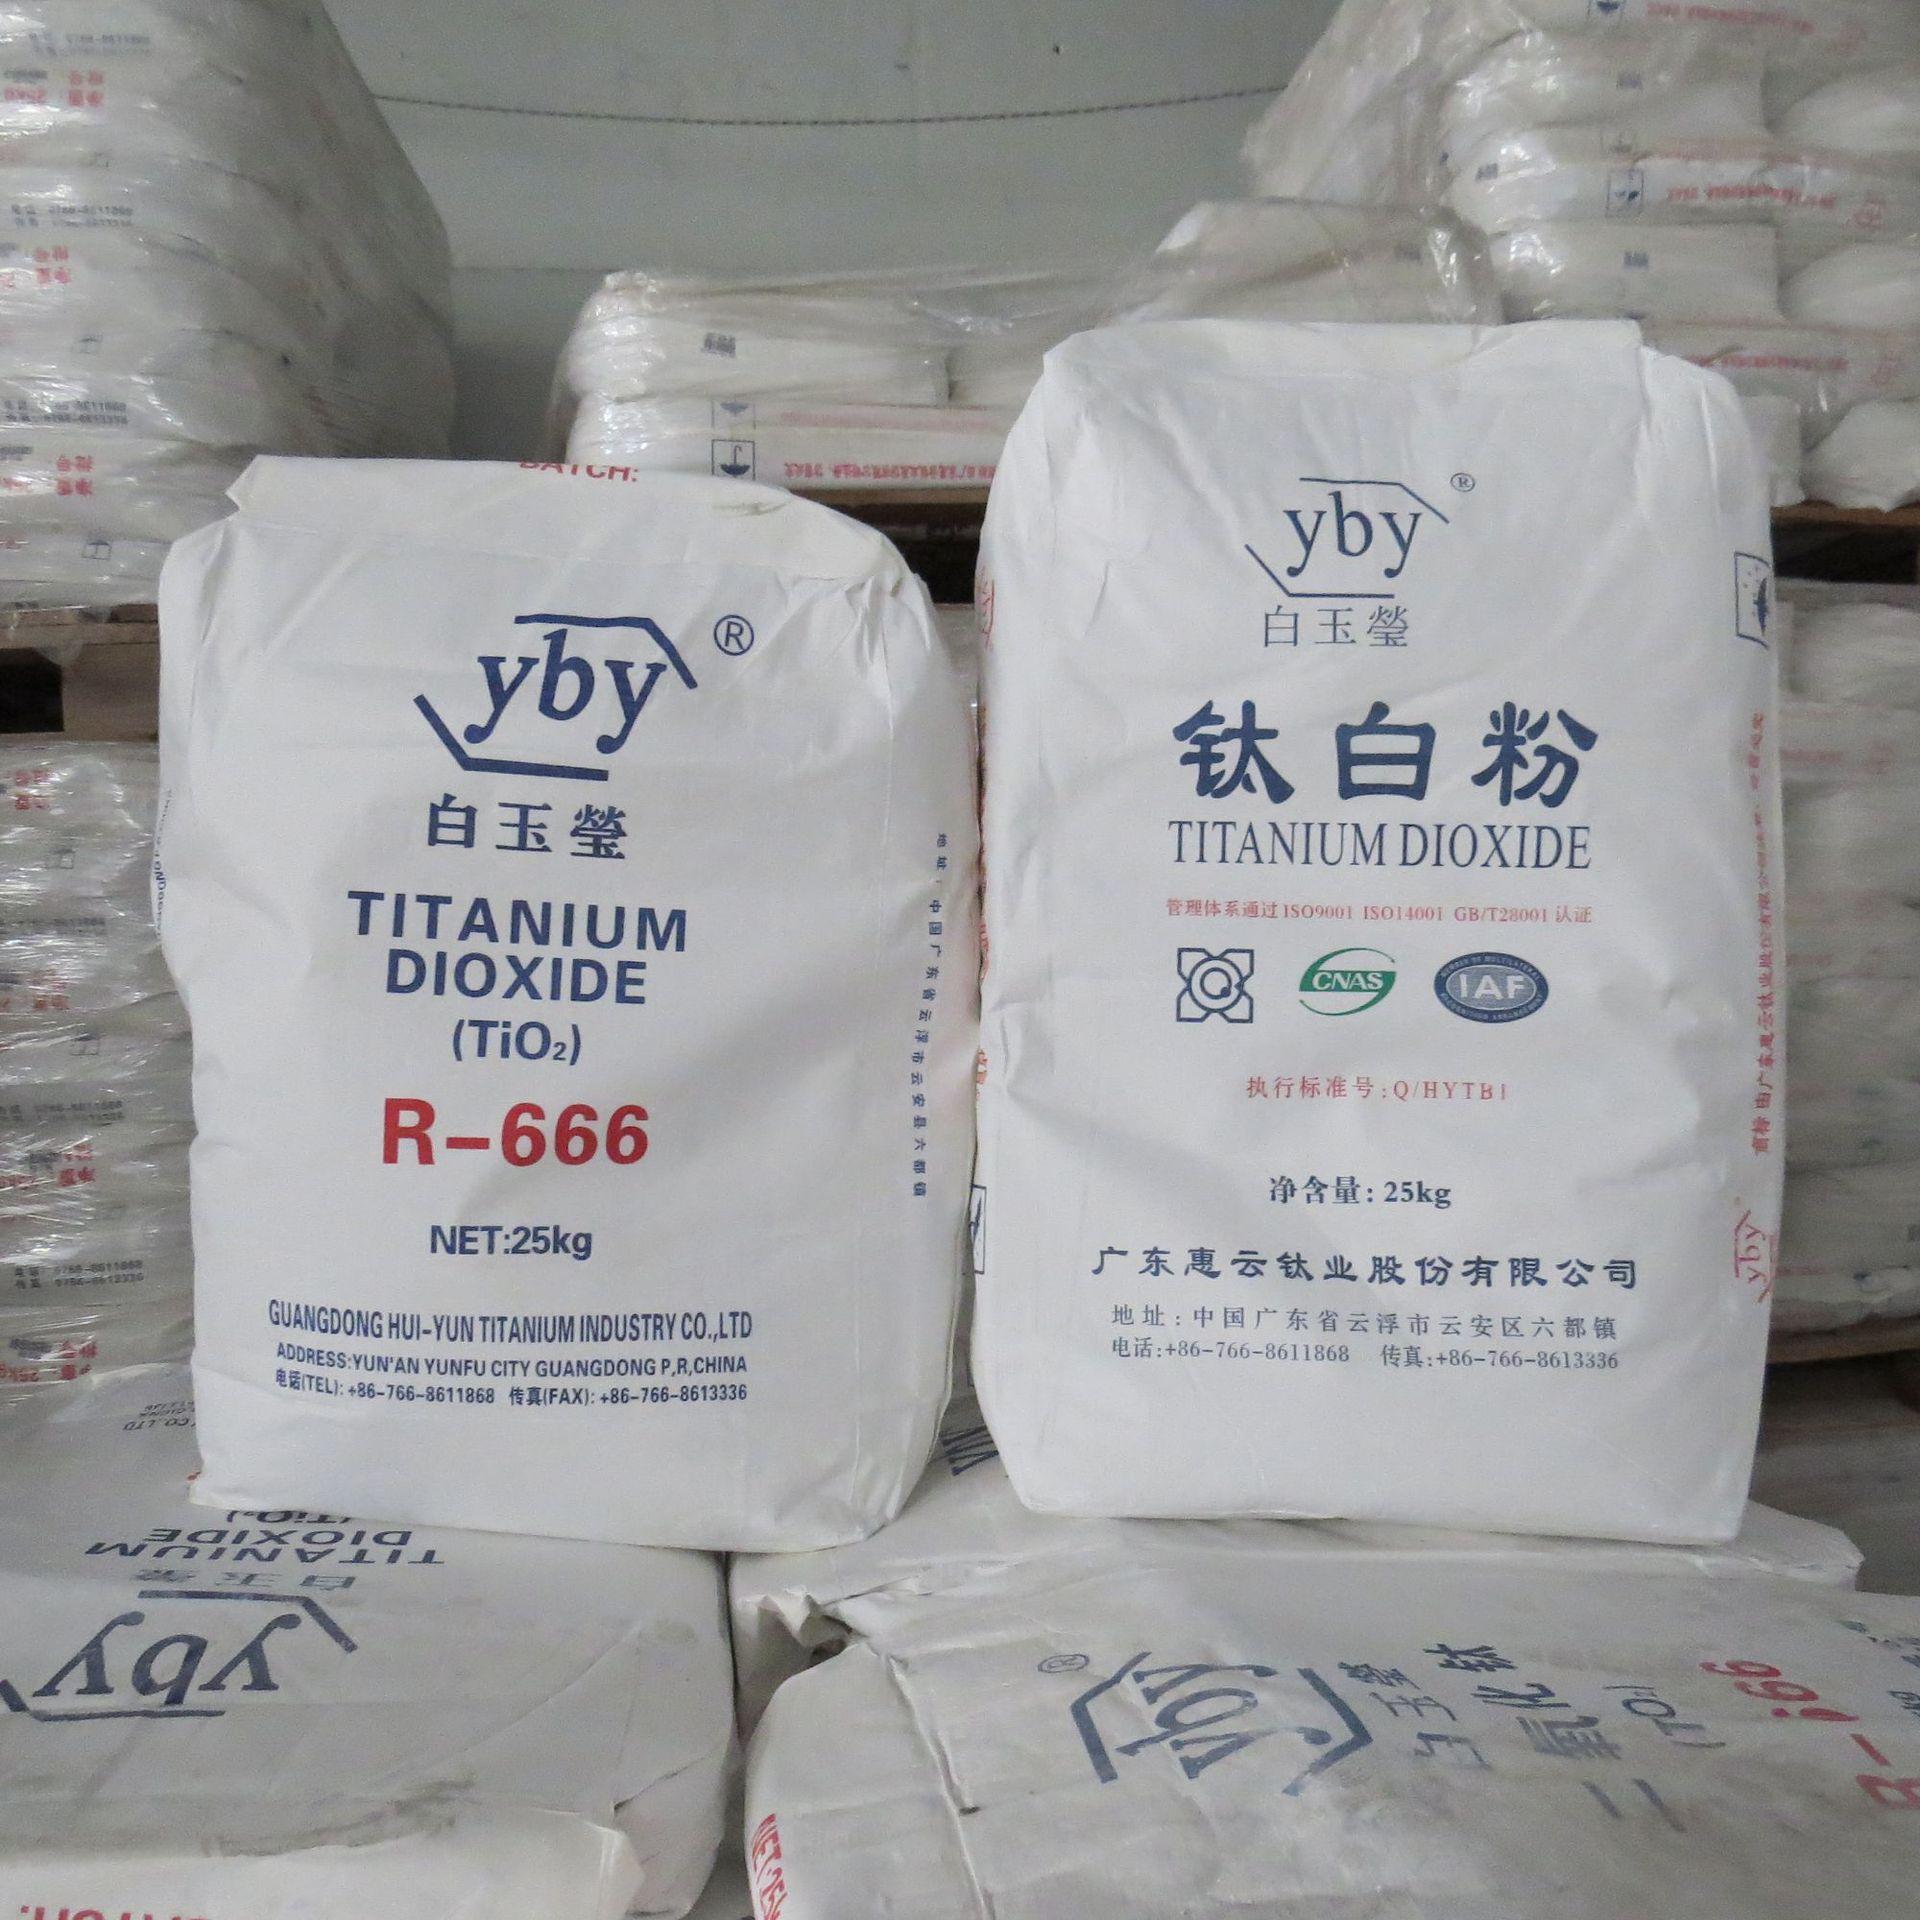 润恩商贸江苏盐城全国求购橡胶用钛白粉  回收R-5569钛白粉